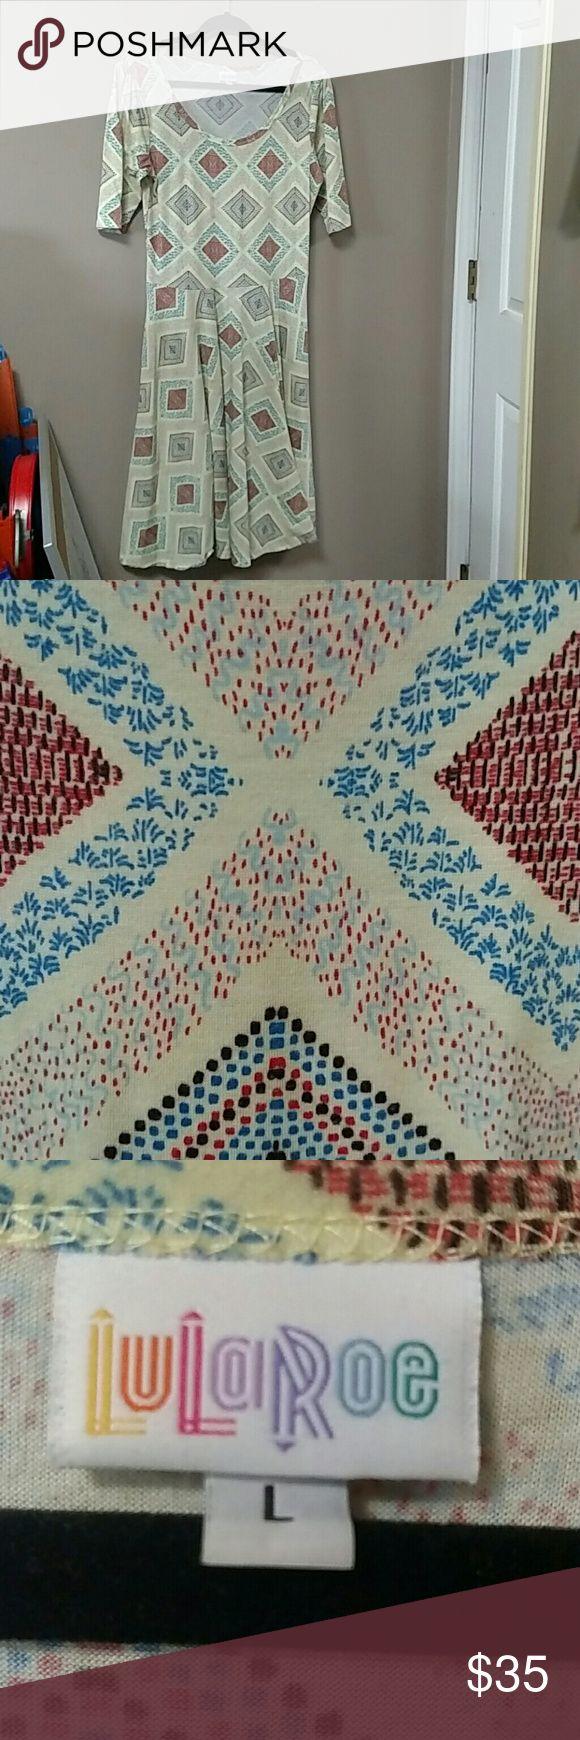 Lularoe Nicole pale yellow dress Lularoe Nicole pale yellow dress with salmon, blue and brown pattern. LuLaRoe Dresses Midi